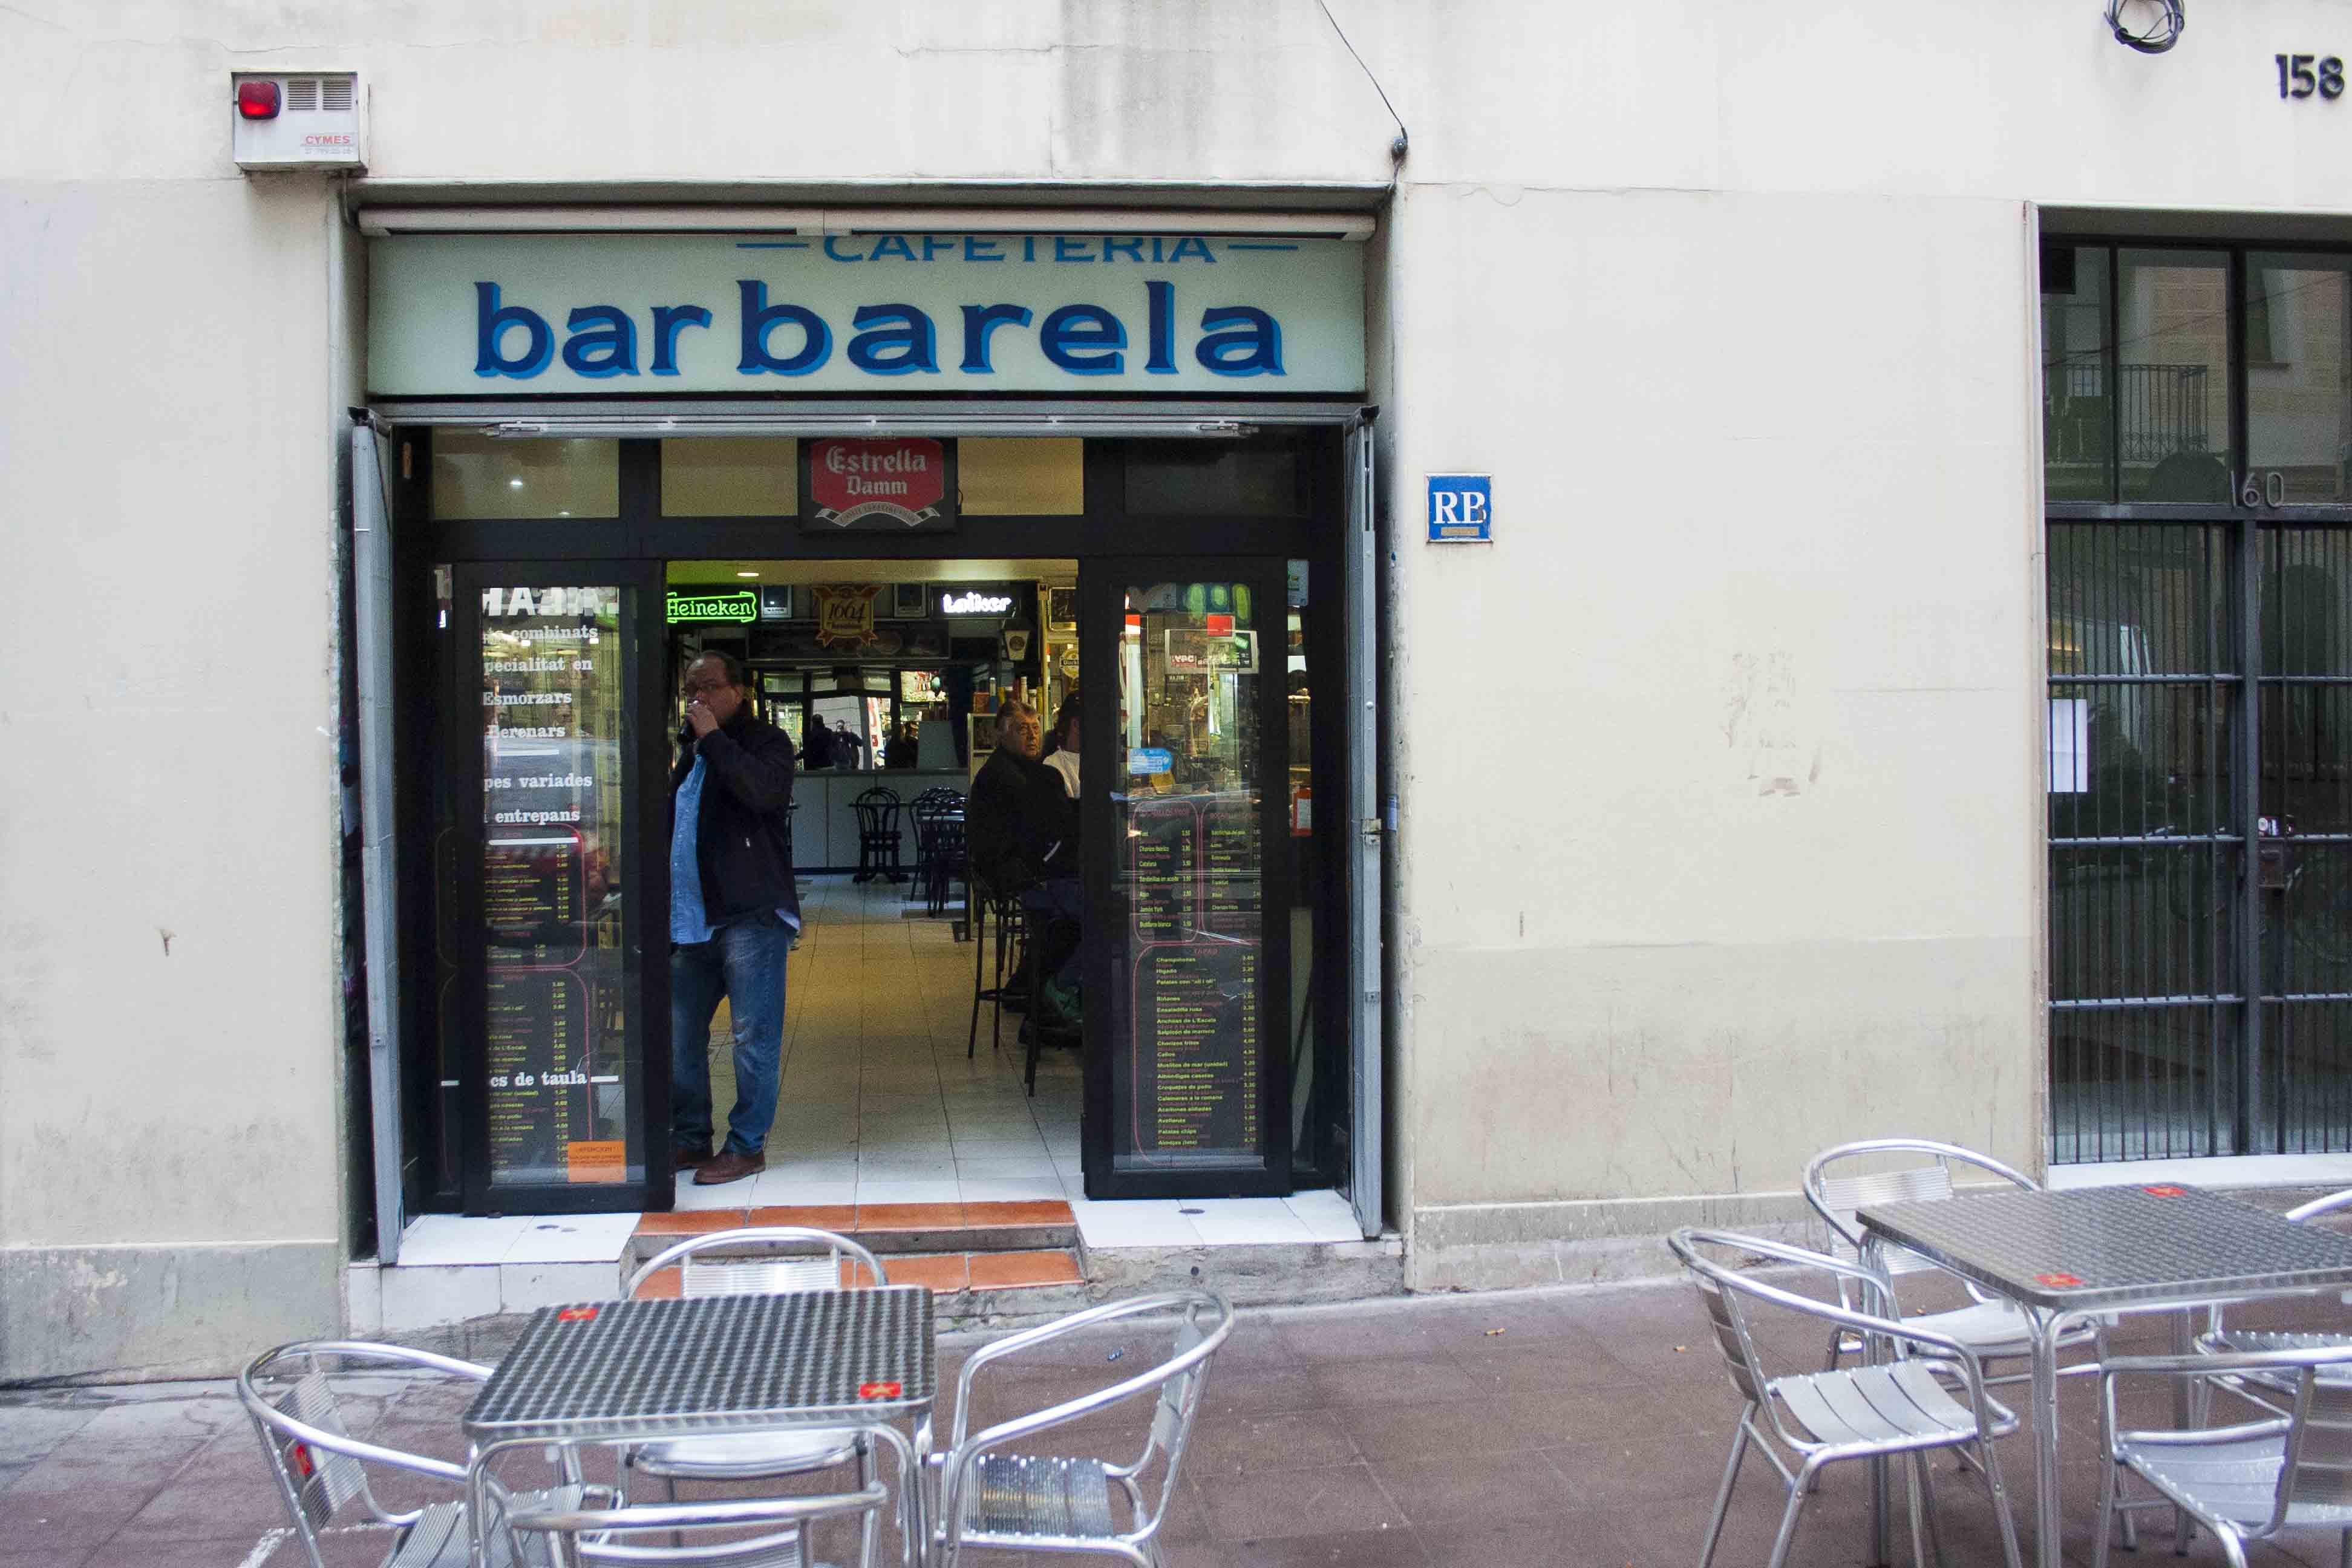 Bar barela